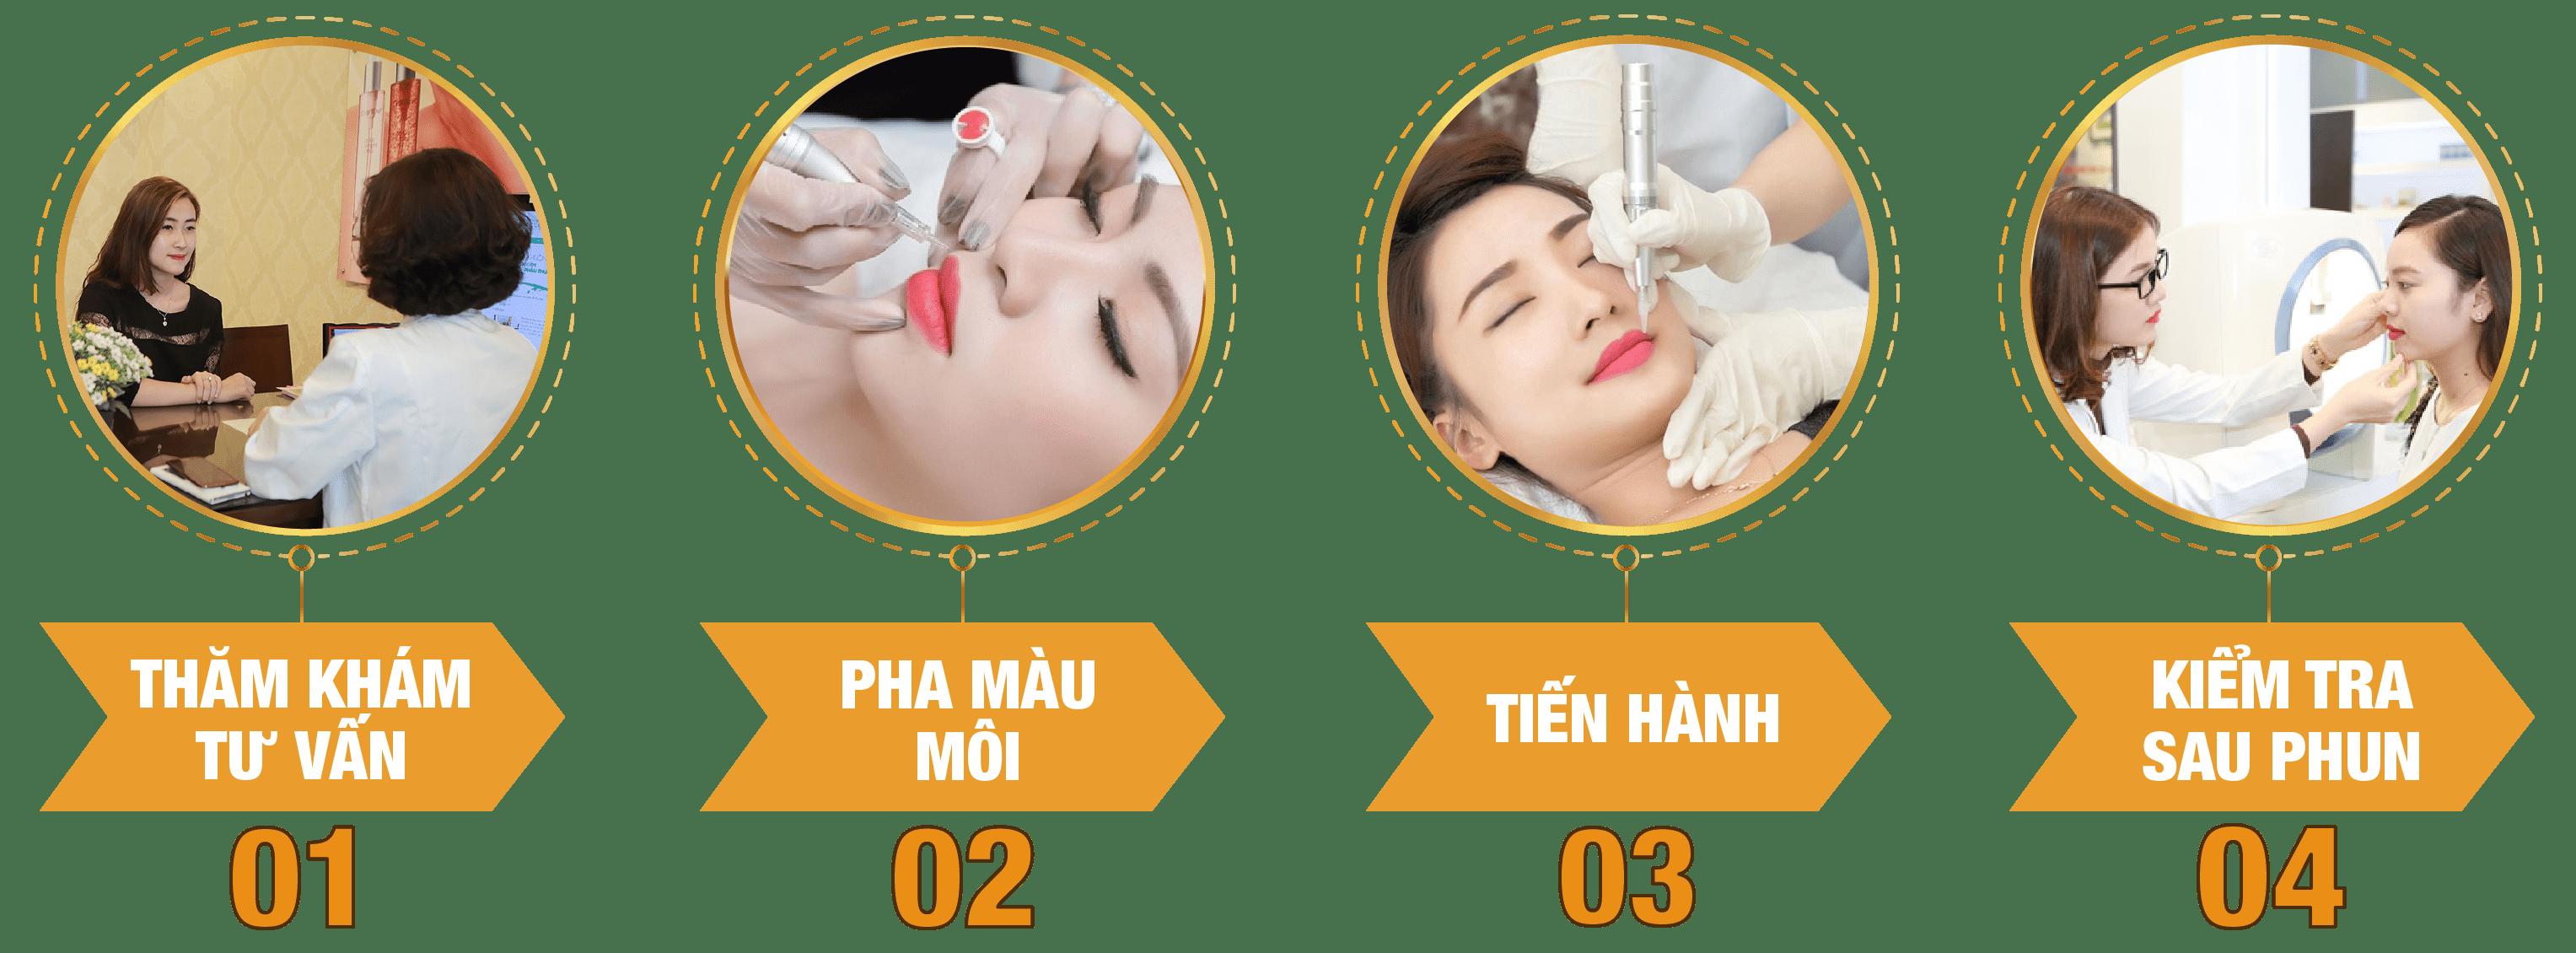 Phun môi ở đâu đẹp tại Hà Nội - hoidapnails.com